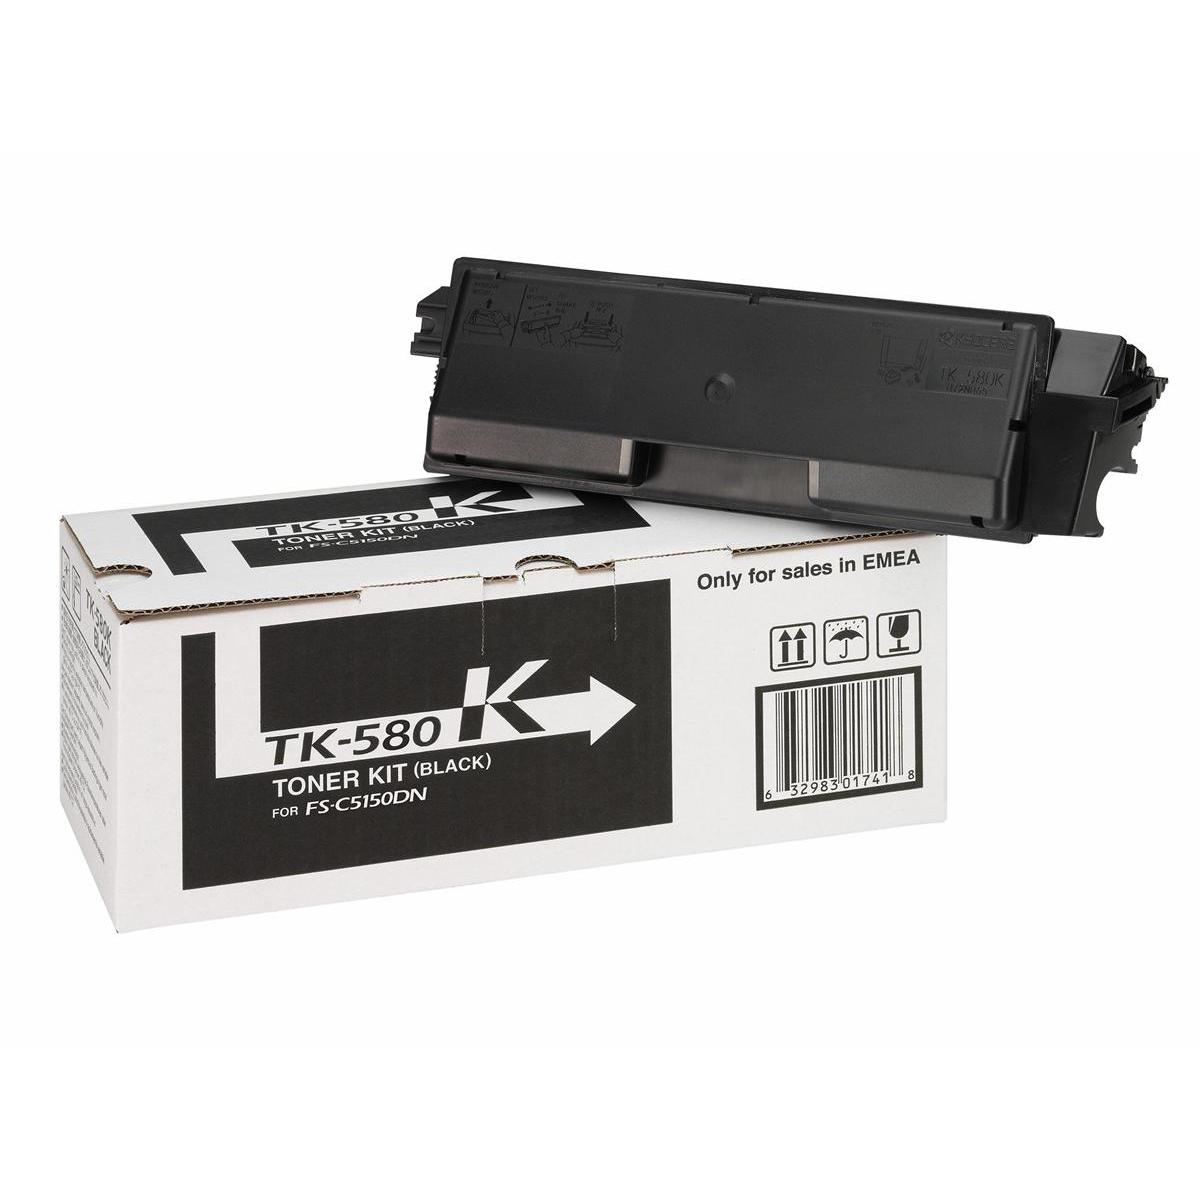 Kyocera TK-580K Laser Toner Cartridge Page Life 3500pp Black Ref 1T02KT0NL0